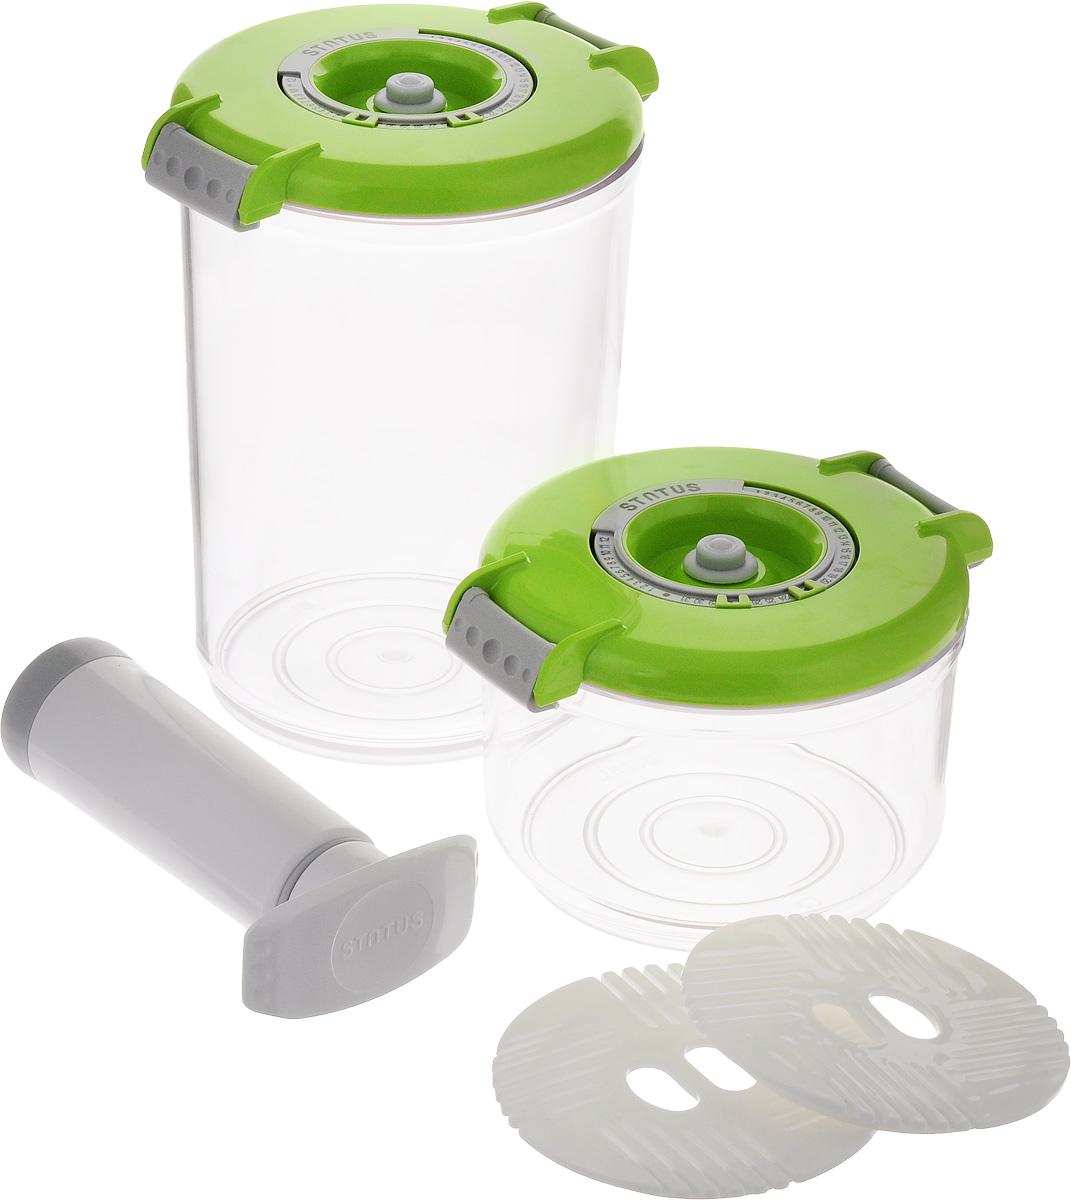 Набор вакуумных контейнеров Status, цвет: прозрачный, зеленый, 2 шт + ПОДАРОК: Вакуумный ручной насосVAC-RD-Round GreenПромо набор вакуумных контейнеров с подарком Комплектация: контейнеры 0,75 л, 1,5 л, два поддона + ручной насос в подарок. Благодаря использованию вакуумных контейнеров, продукты не подвергаются внешнему воздействию, и срок хранения значительно увеличивается. Продукты сохраняют свои вкусовые качества и аромат, а запахи в холодильнике не перемешиваются. Контейнеры для хранения продуктов в вакууме Прочный хрустально-прозрачный тритан Круглая форма контейнеров Индикатор даты (месяц, число) BPA-Free Сделано в Словении Допускается замораживание (до -21 °C), мойка контейнера в ПММ, разогрев в СВЧ (без крышки). Рекомендовано хранение следующих продуктов: сахар, кофе в зёрнах, чай, мука, крупы, соусы, супы.